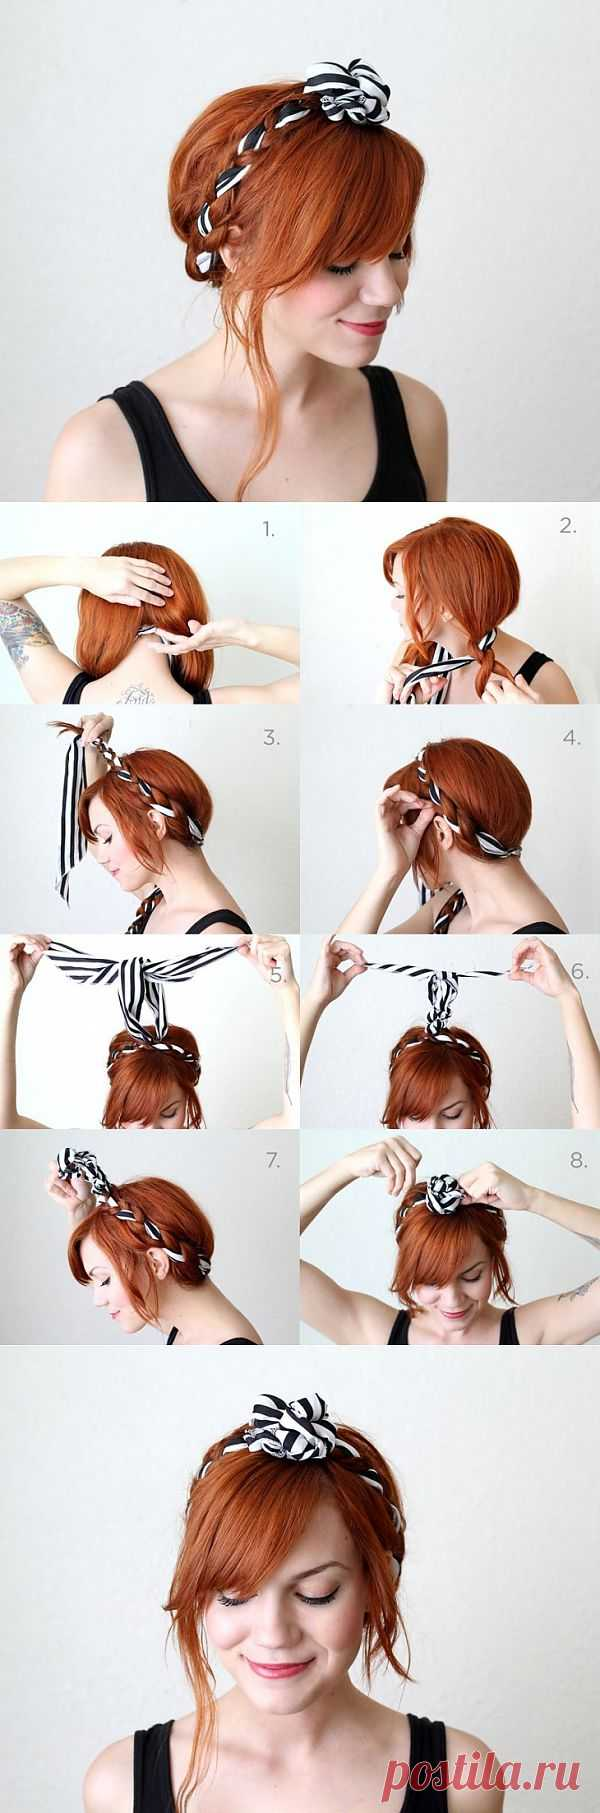 Шарфик-лента в волосах (Diy) / Прически / Модный сайт о стильной переделке одежды и интерьера